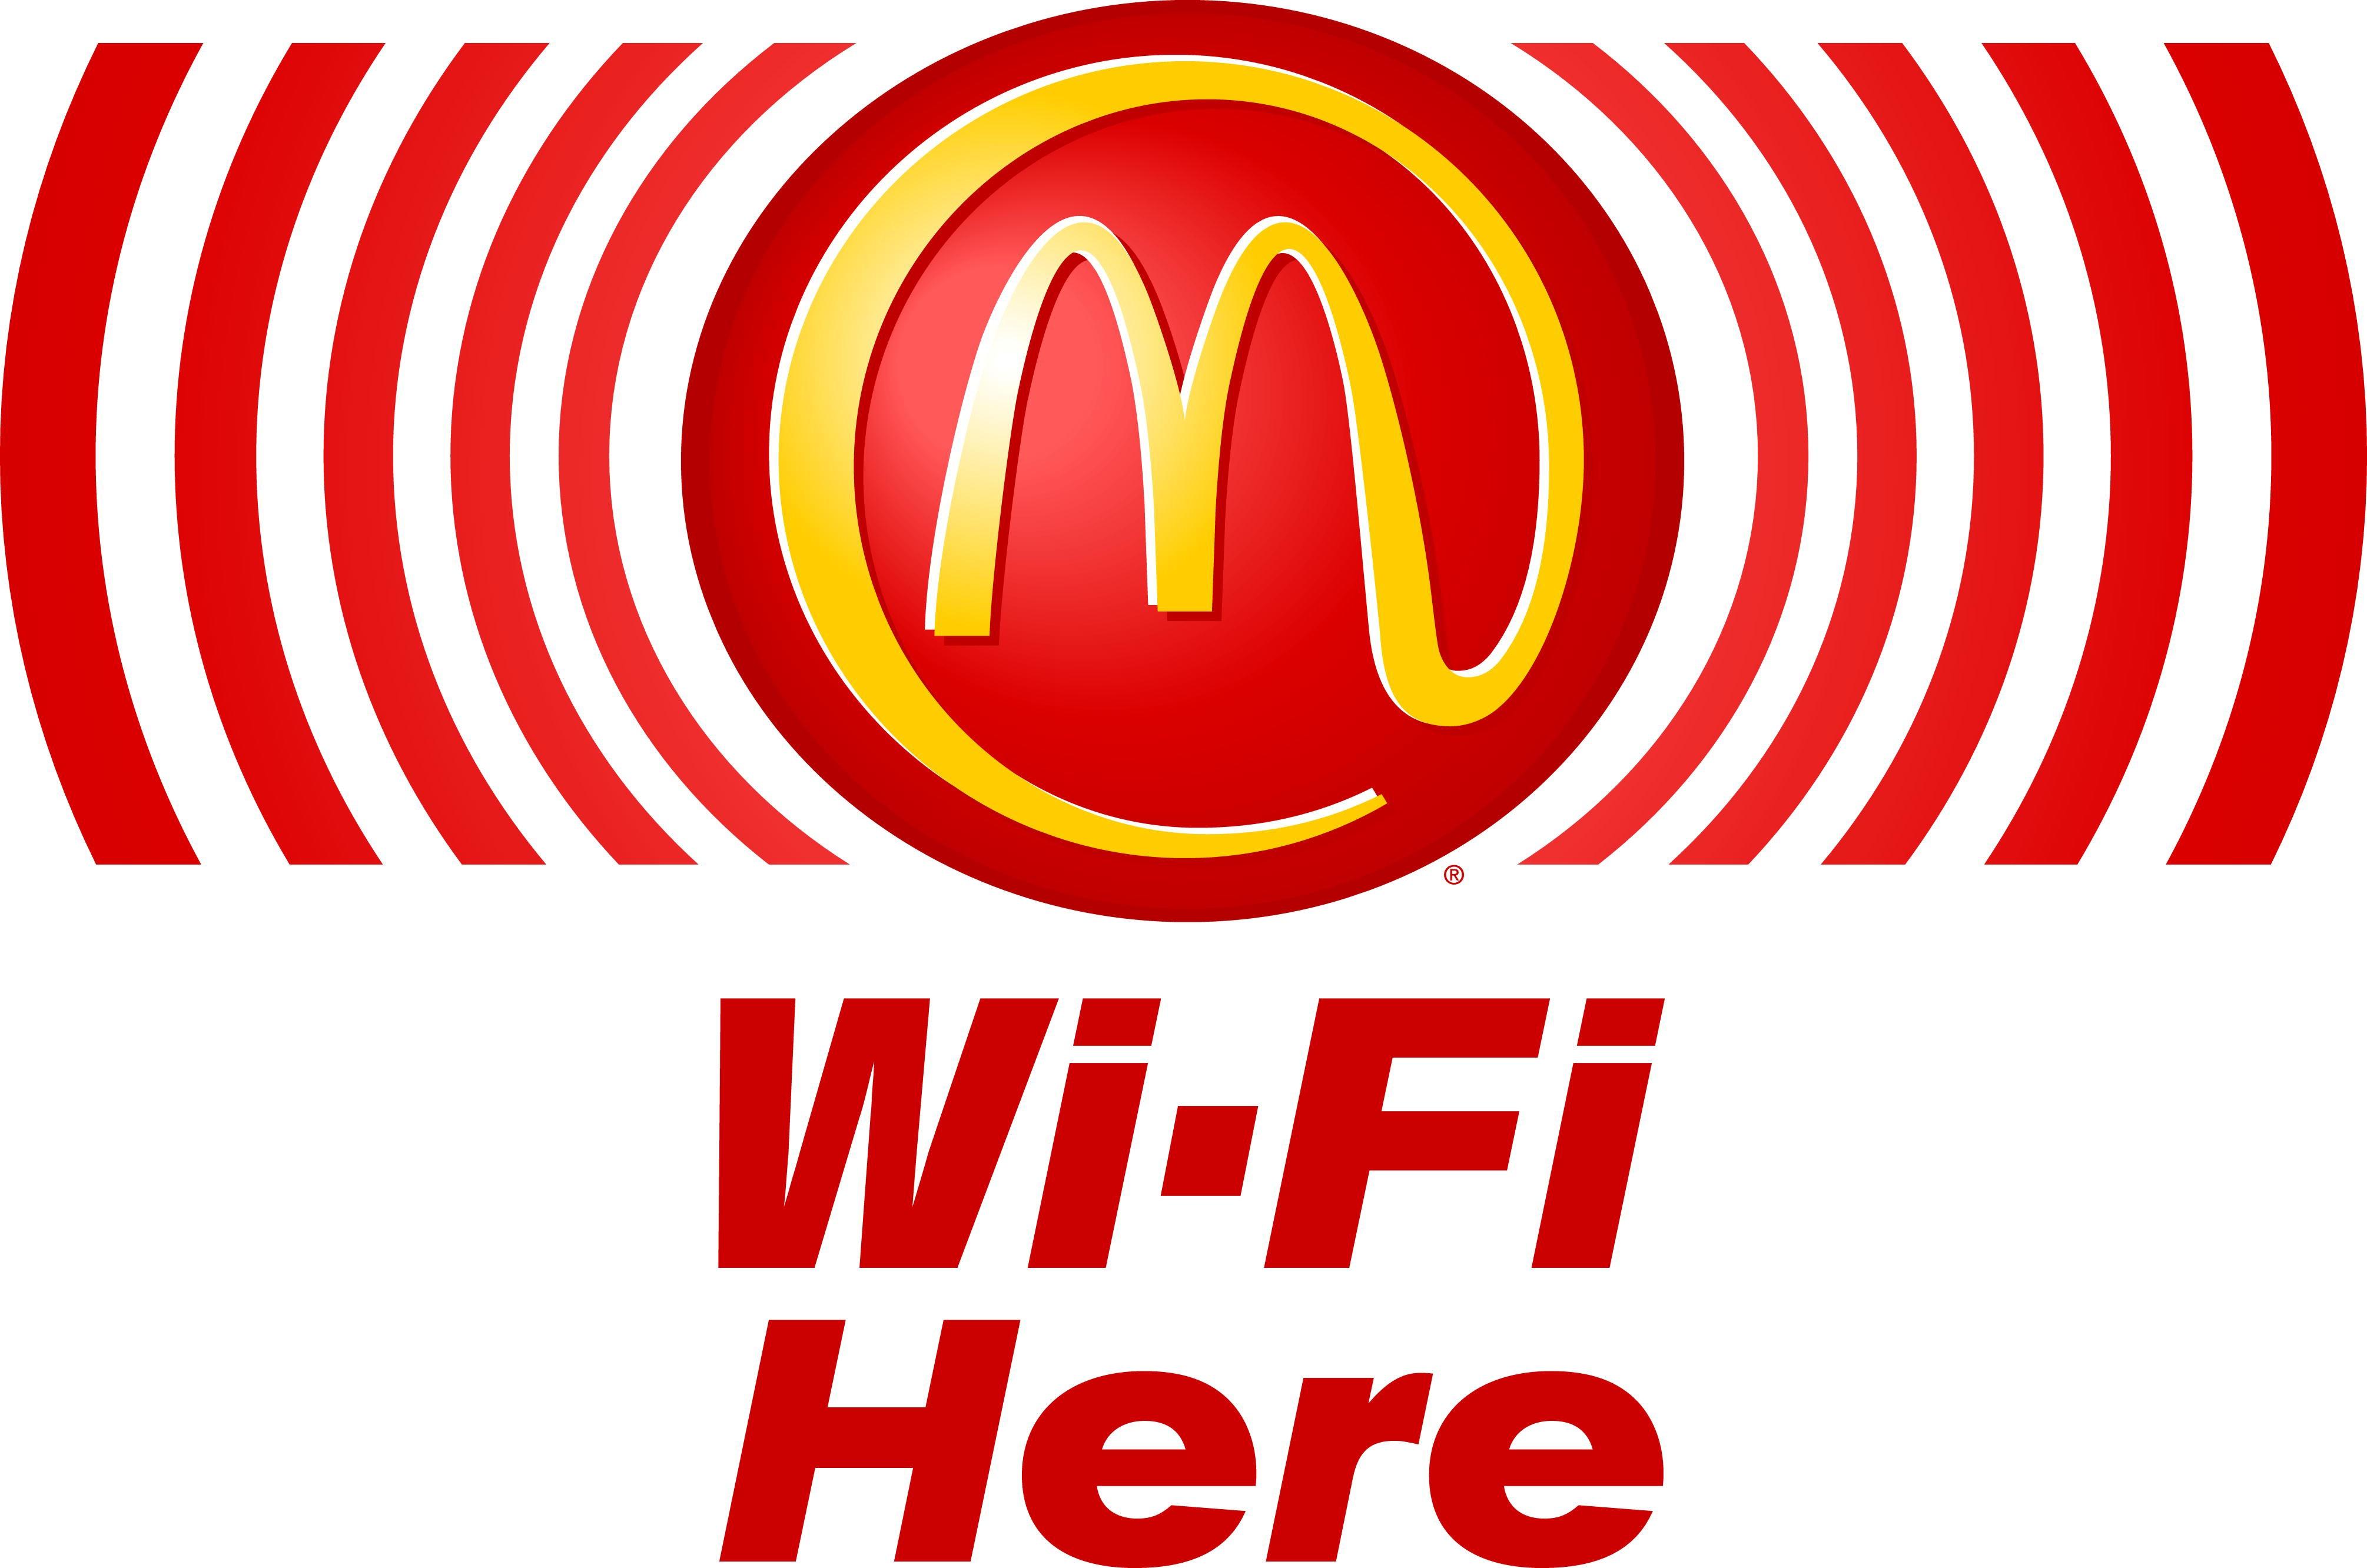 McDonald's clipart mcdonalds logo On McDonald's  Clip Art